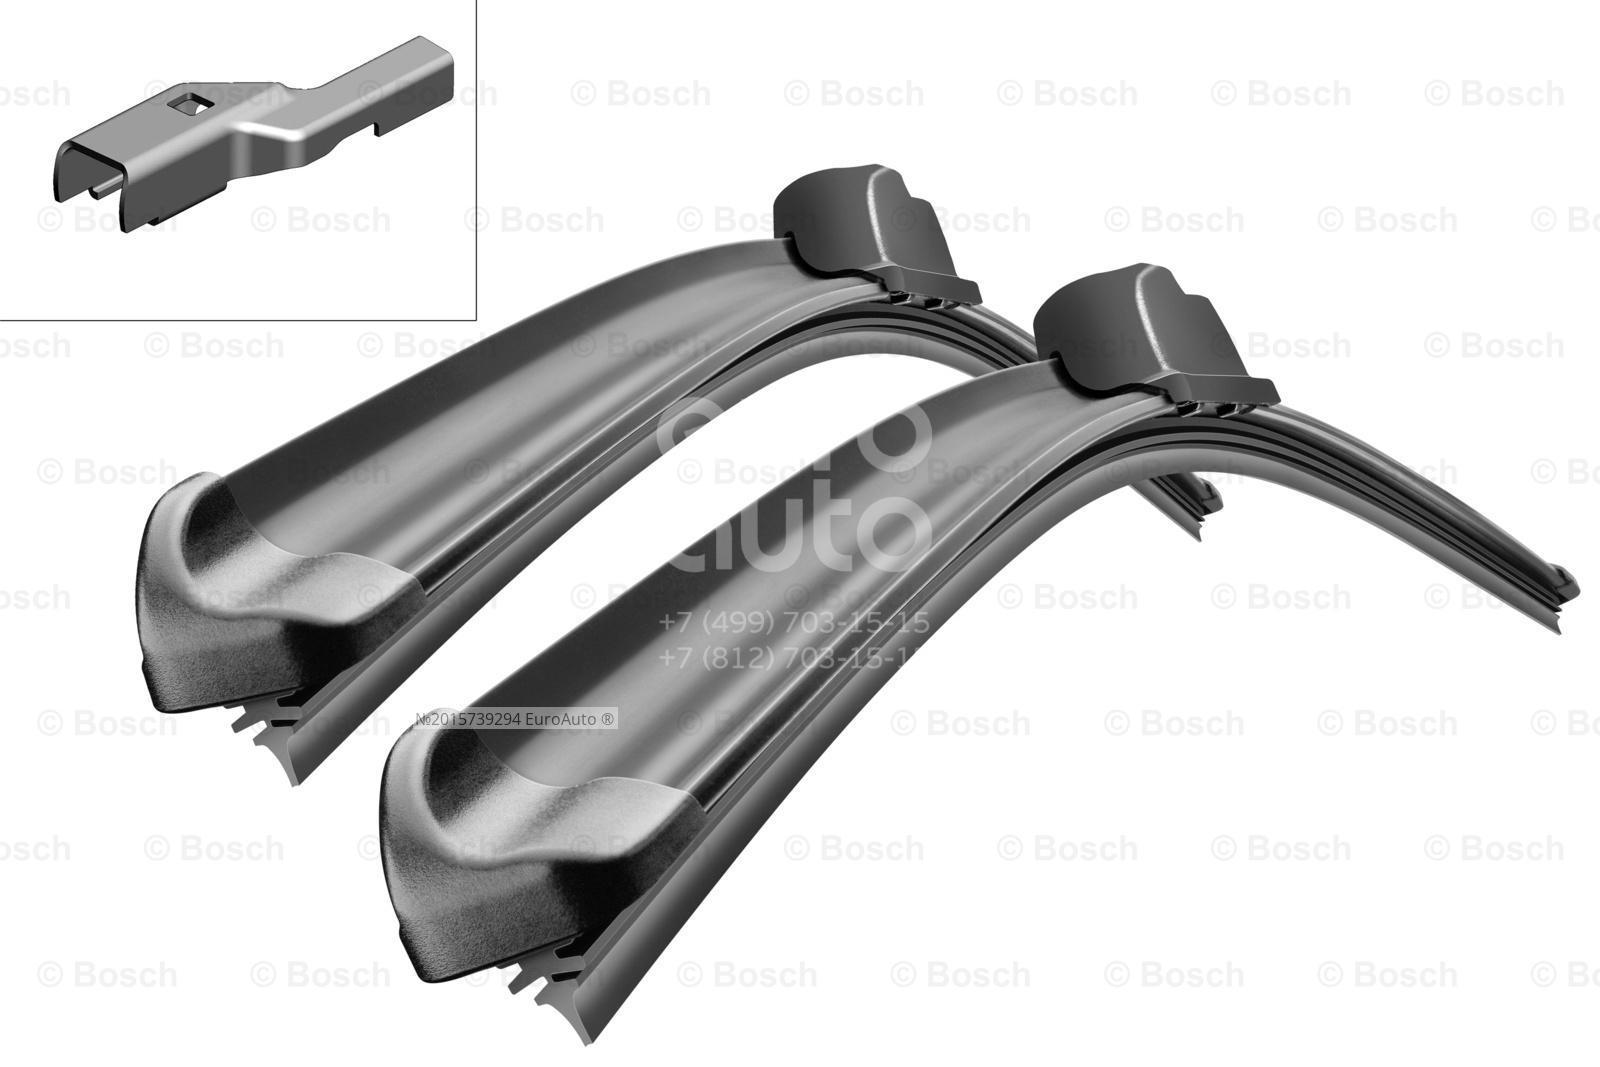 Щетки стеклоочистителя (к-кт) для Ford Transit/Tourneo Custom 2012> - Фото №1